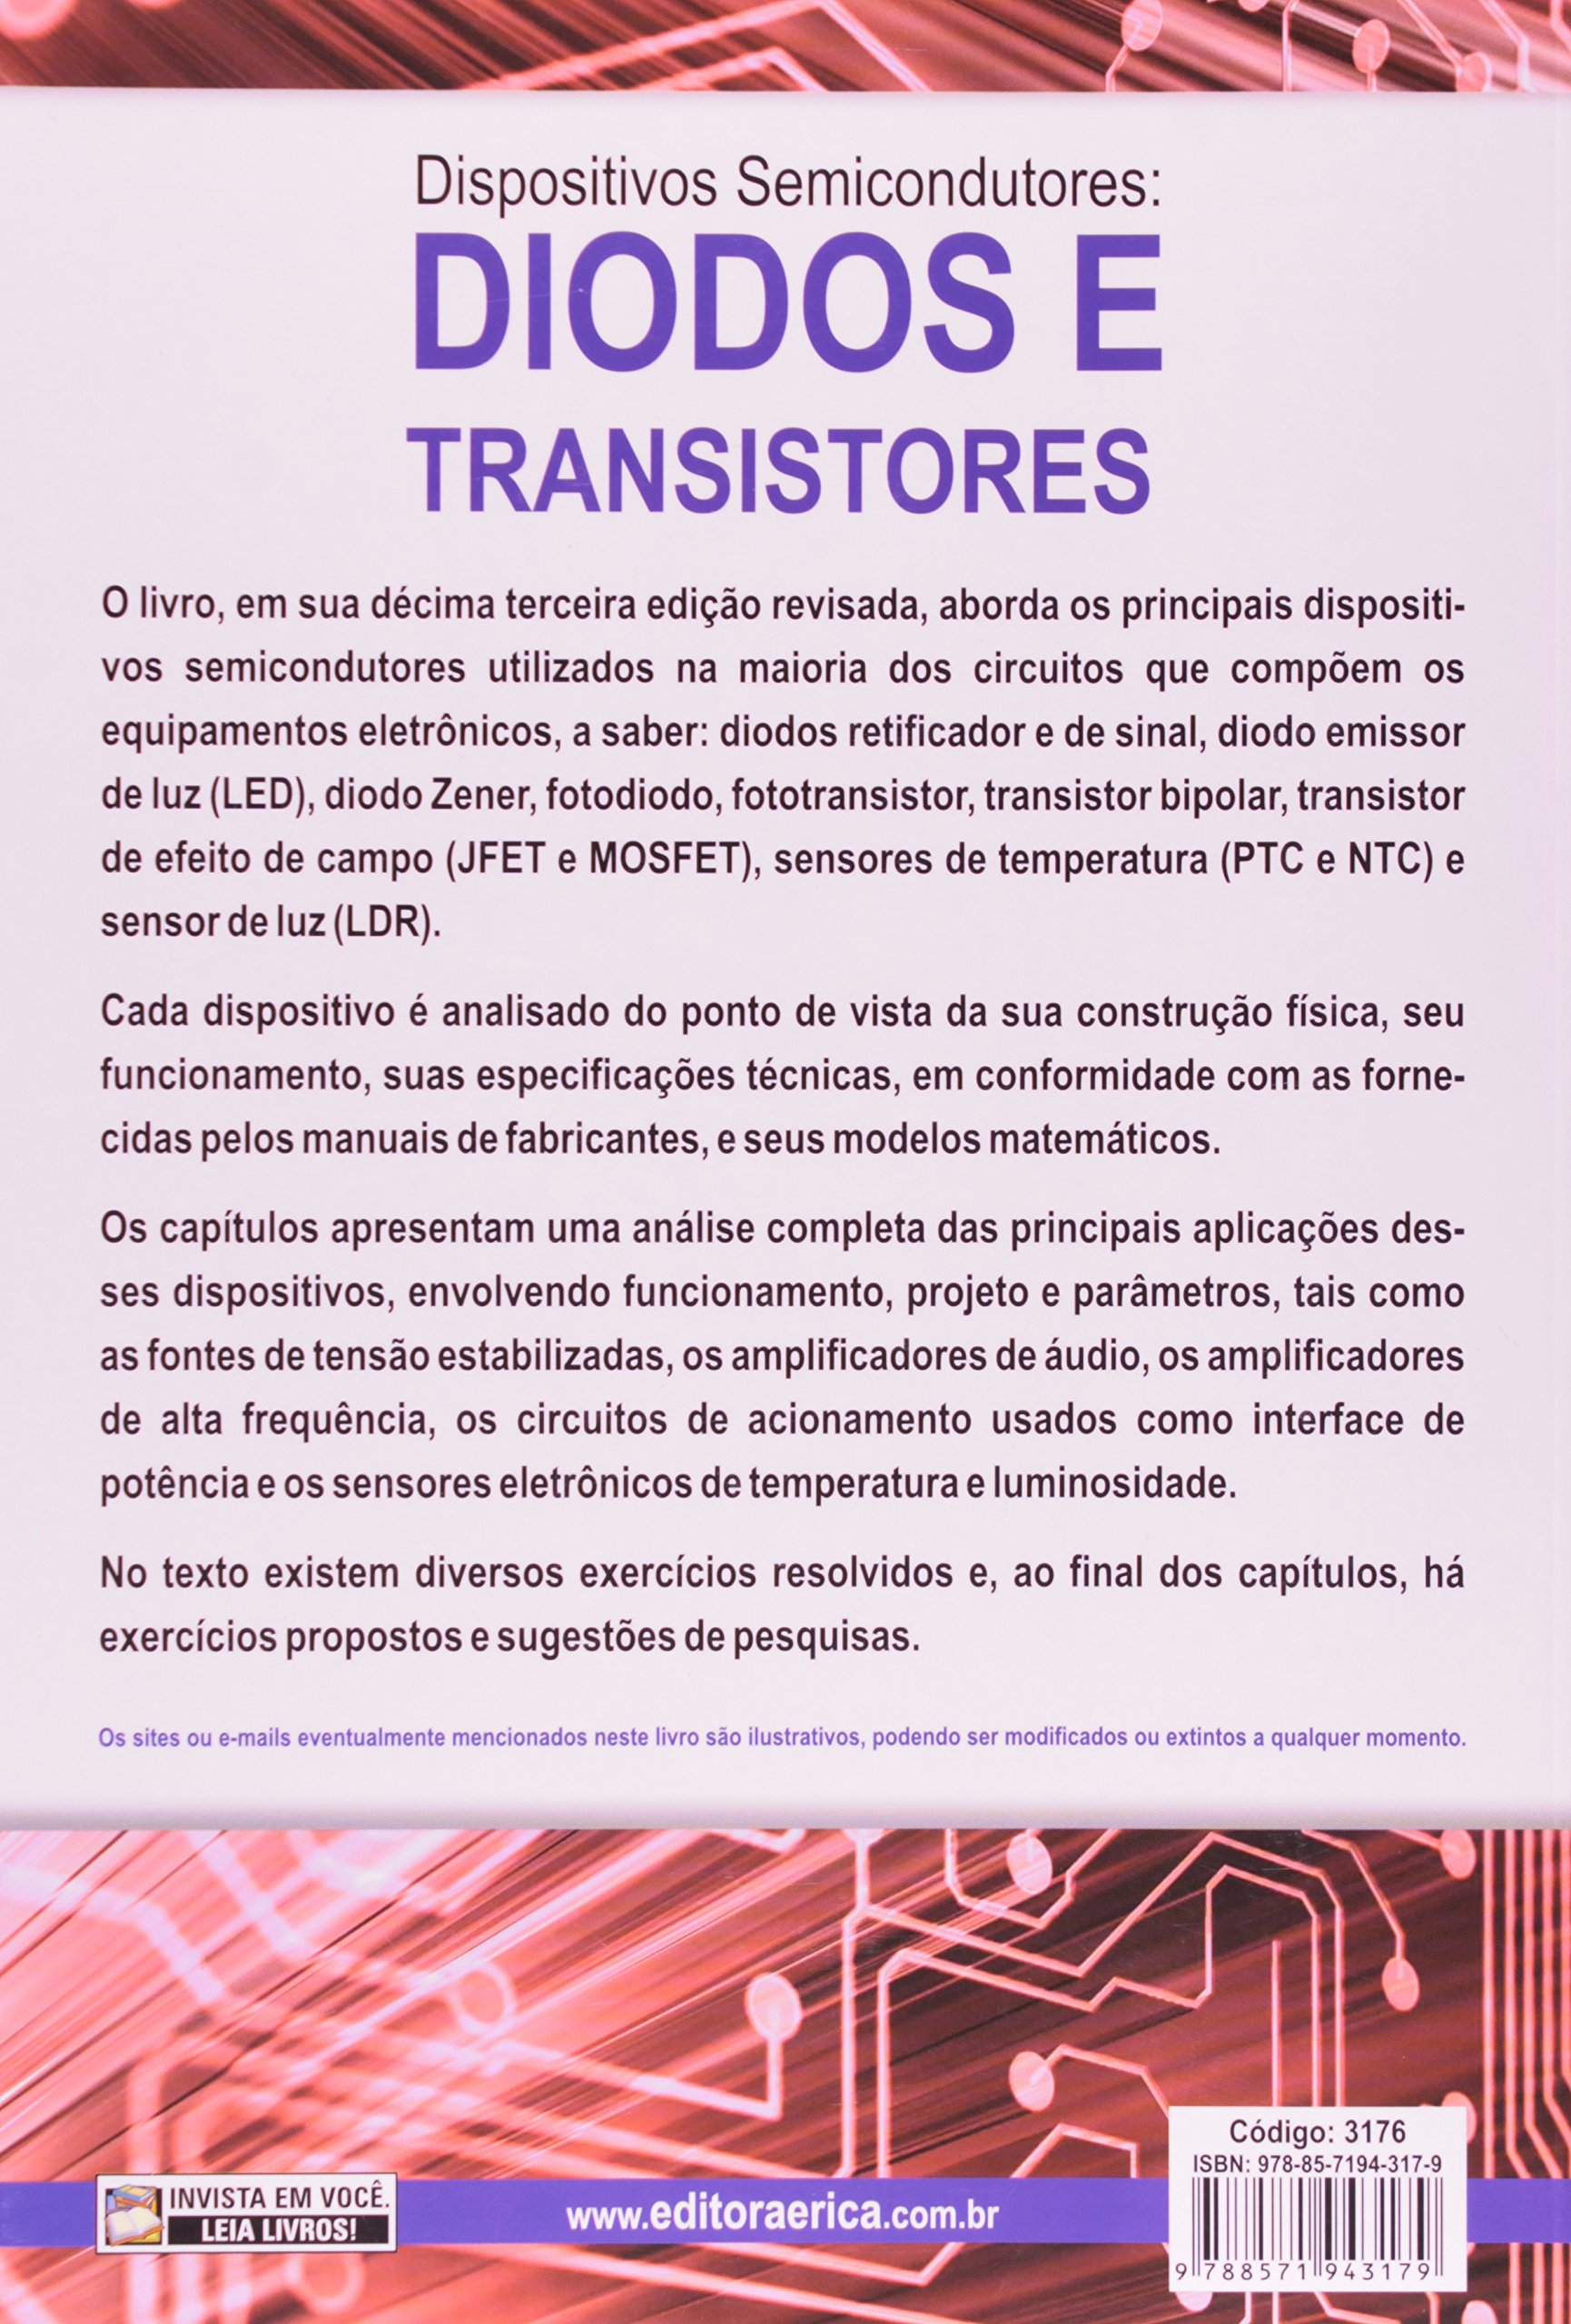 Dispositivos Semicondutores. Diodos e Transistores: Eduardo Cesar A. Cruz e Salomão Choueri Júnior Angelo Eduardo B. Marques: 9788571943179: Amazon.com: ...